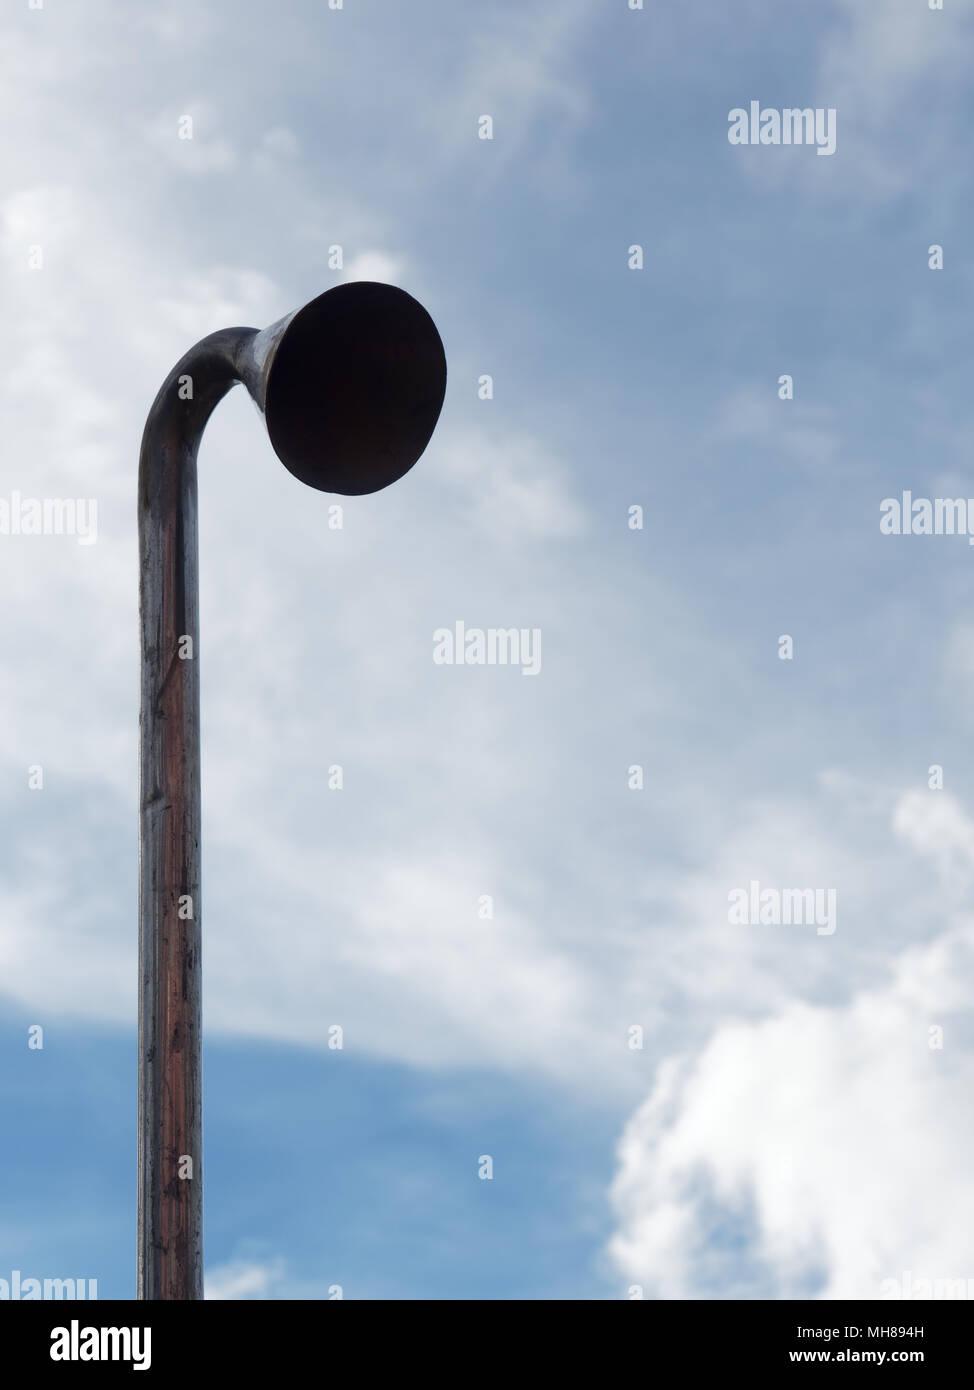 Tuyau d'aspiration ou d'induction avec la tête pour la vérification de l'air et la pollution sonore sur fond de ciel bleu lumineux nuage de succion dans le tube avec des concepts d'affaires, l'environnement, d'aspiration, de l'industrie et la pollution Banque D'Images